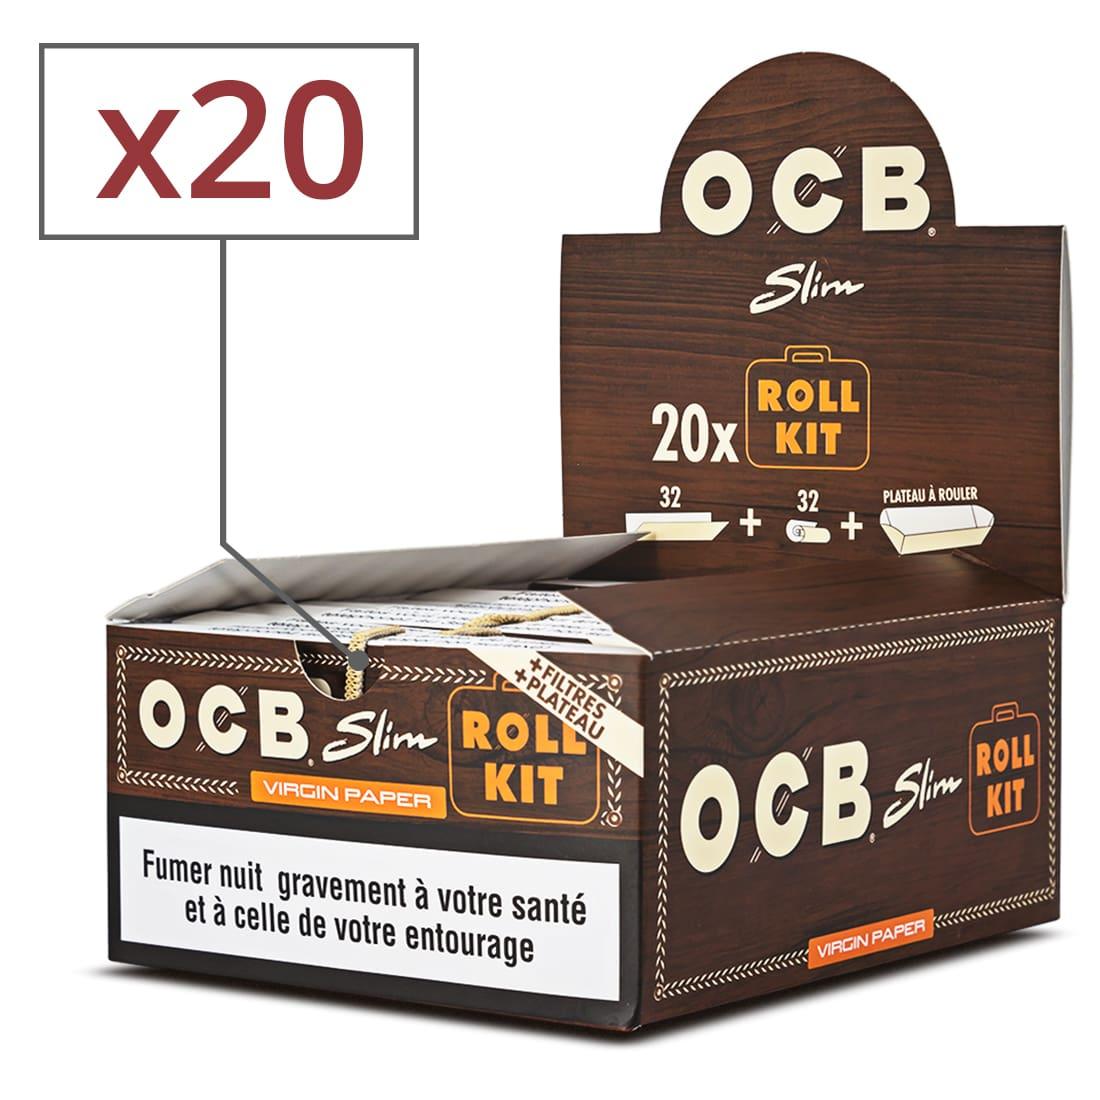 Photo de Papier à rouler OCB Slim Virgin Roll Kit x 20